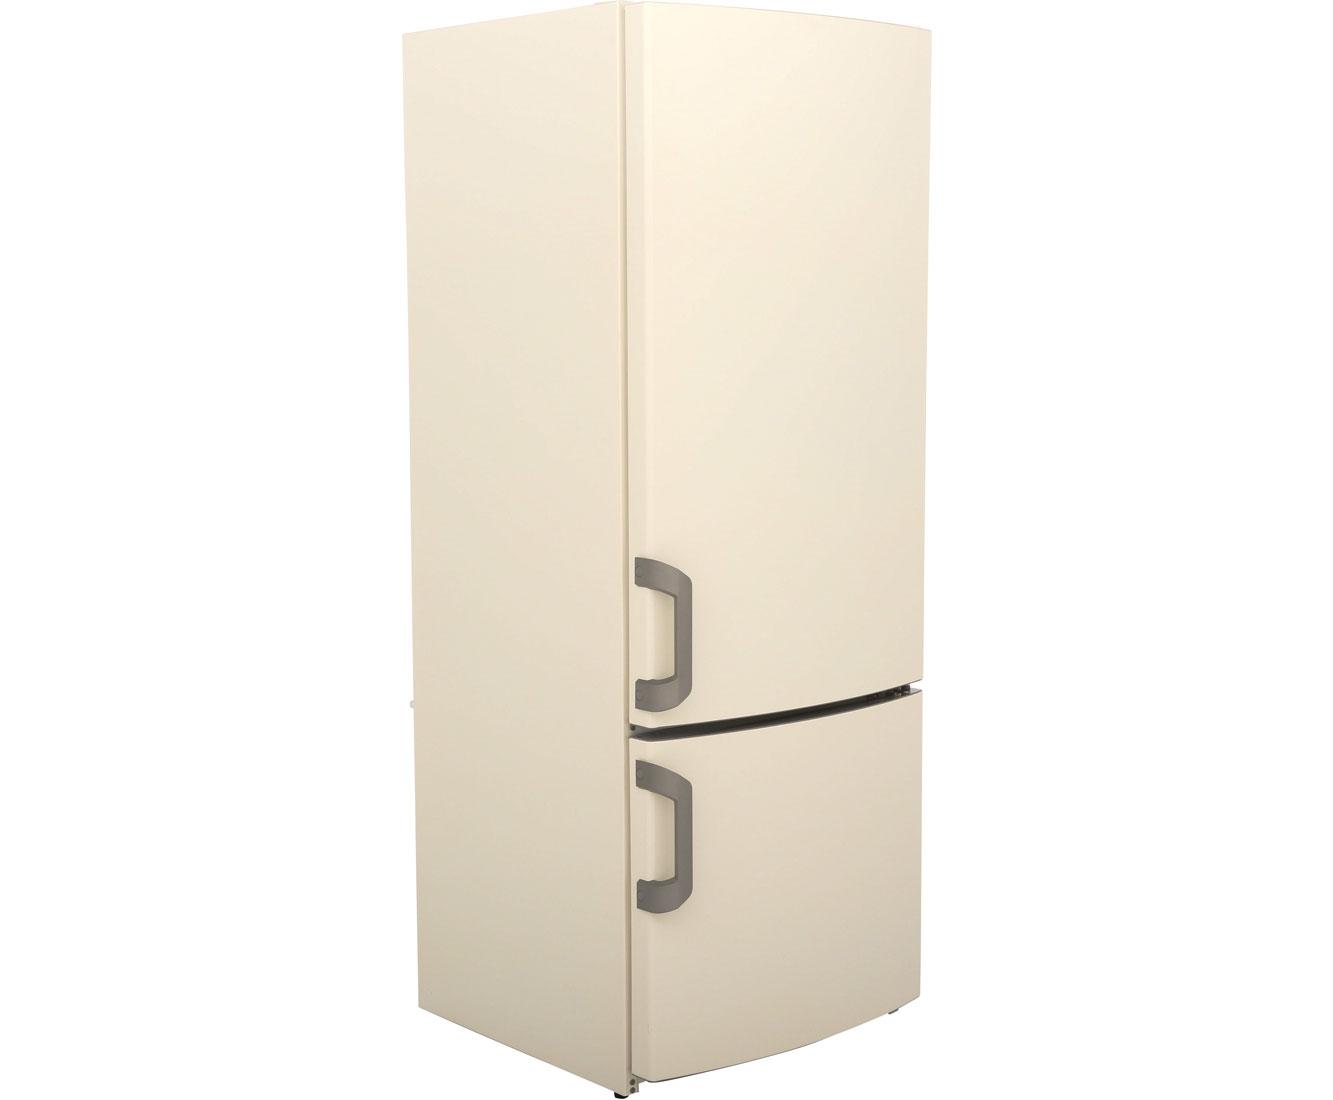 Gorenje Kühlschrank R 6192 Fw : Coolmatic kompressor kühlschrank preisvergleich u2022 die besten